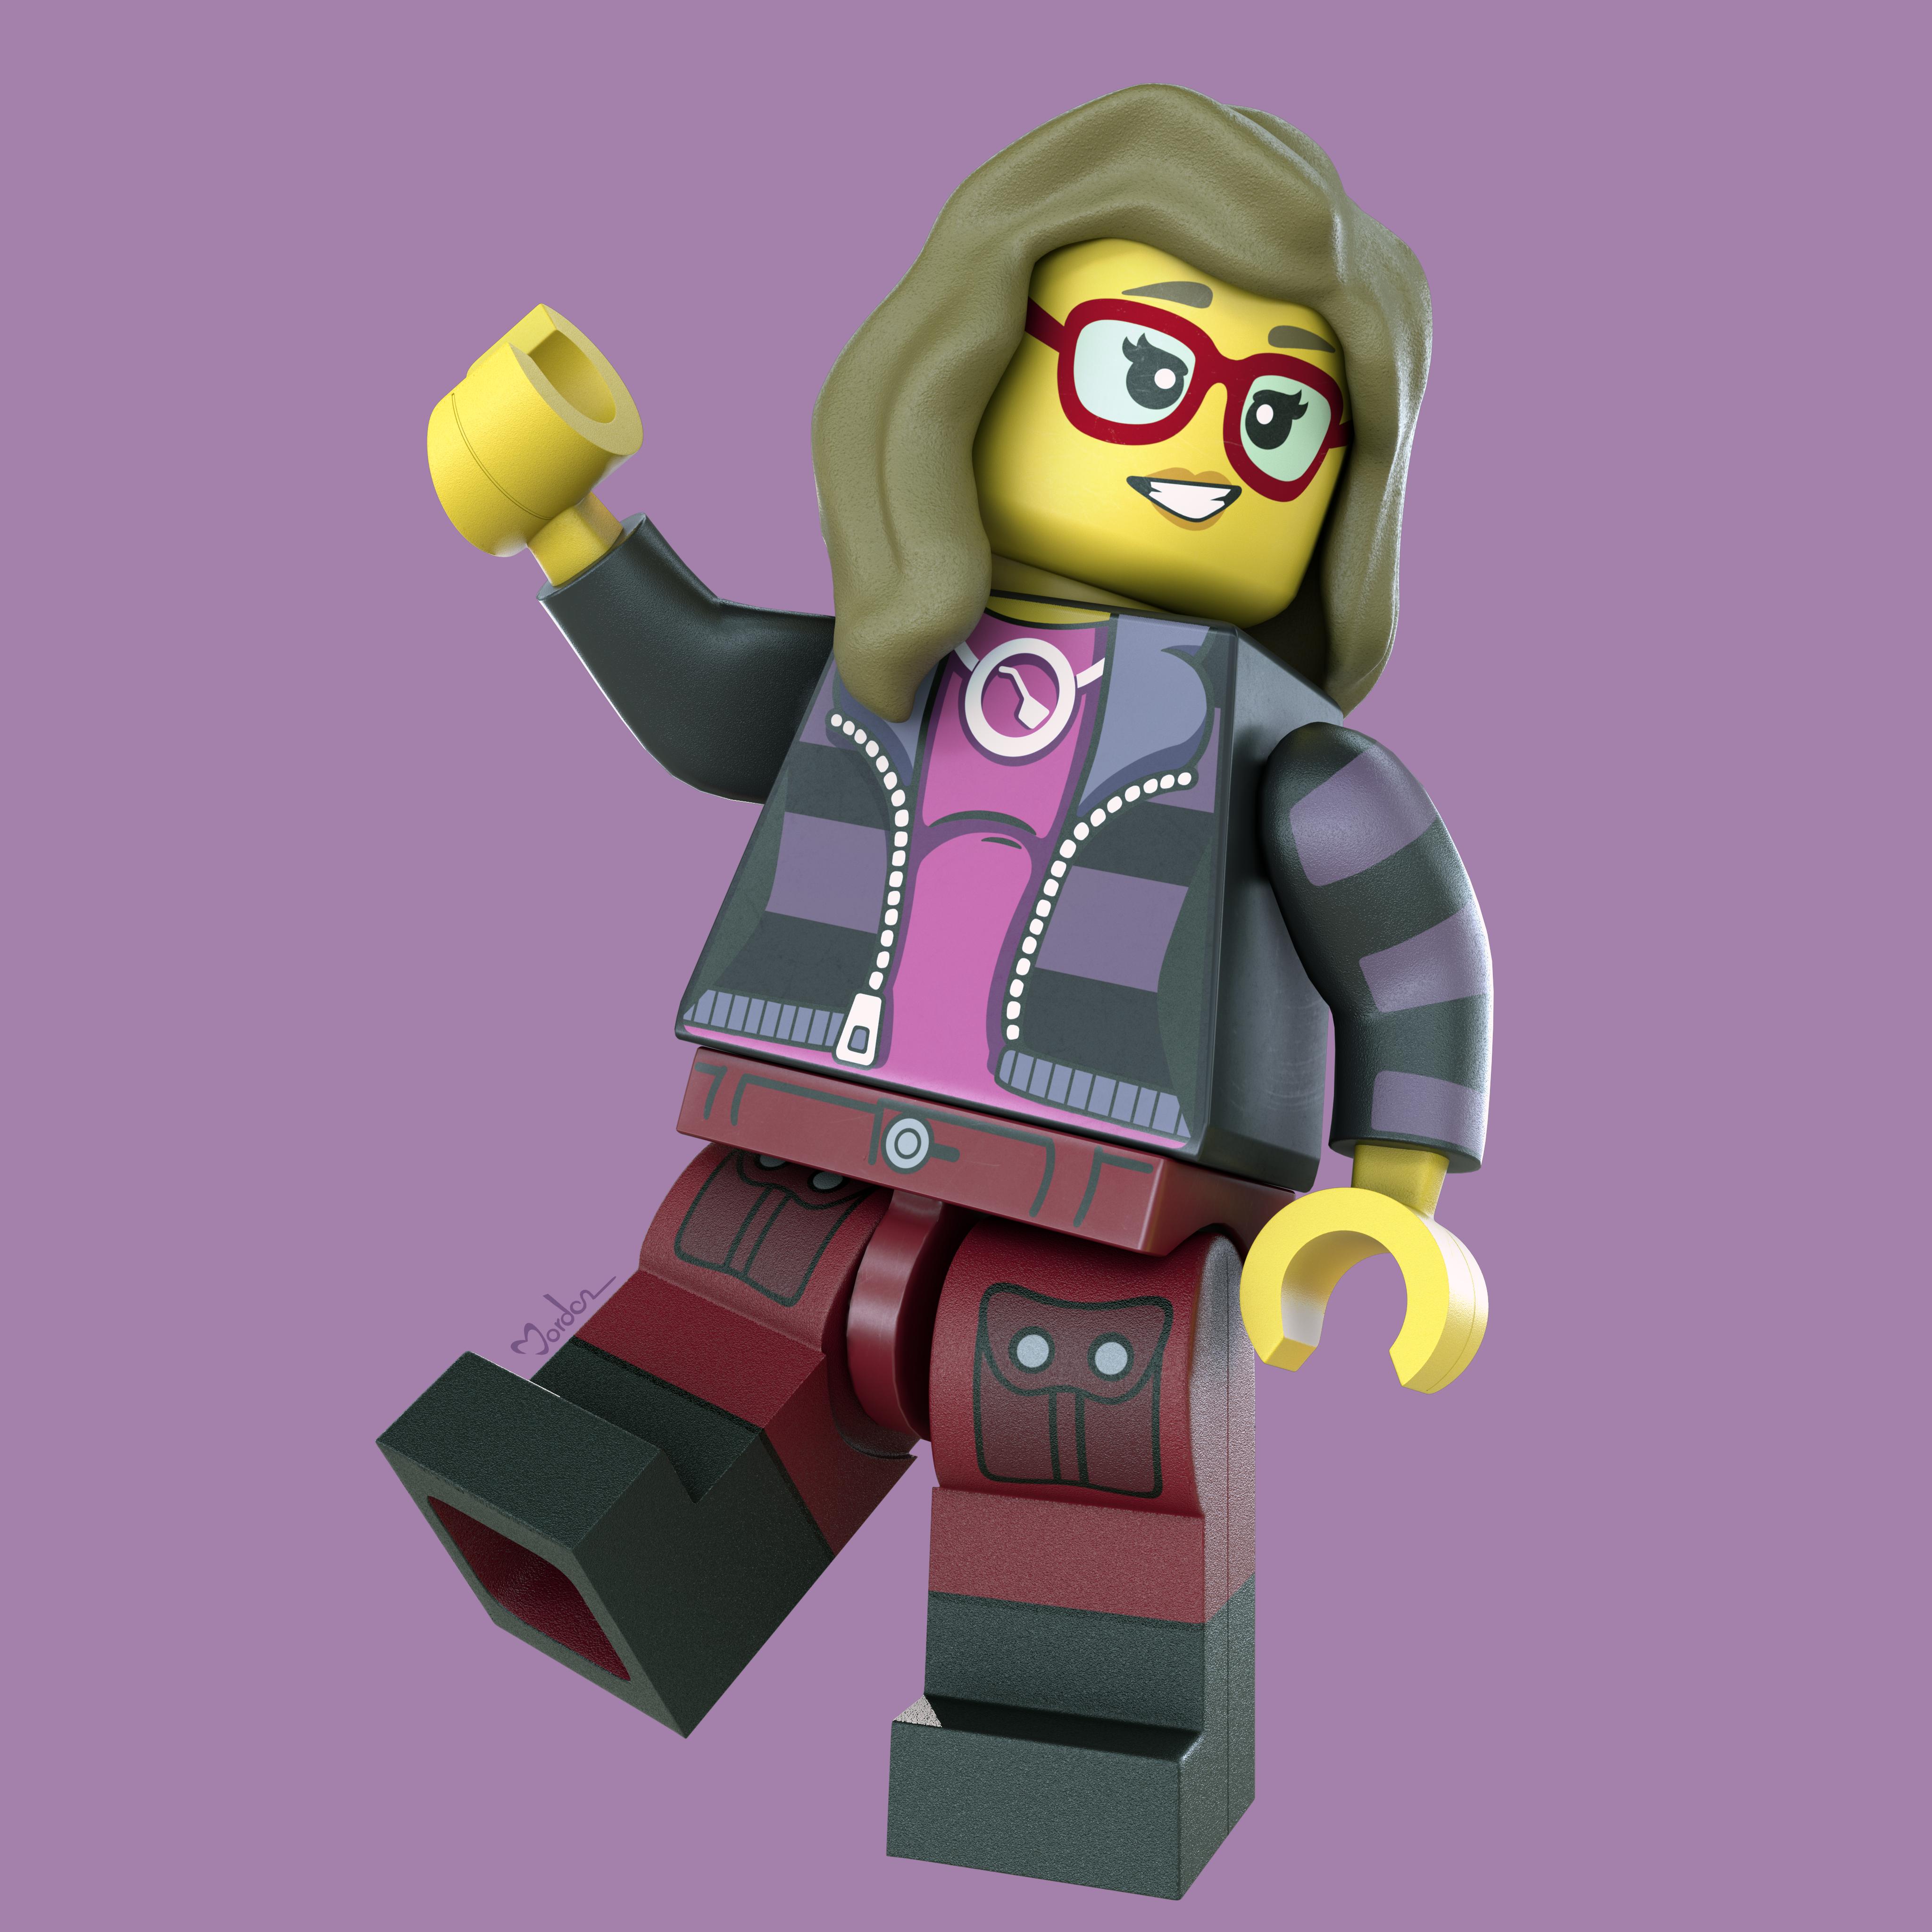 Lego Minifig 2019